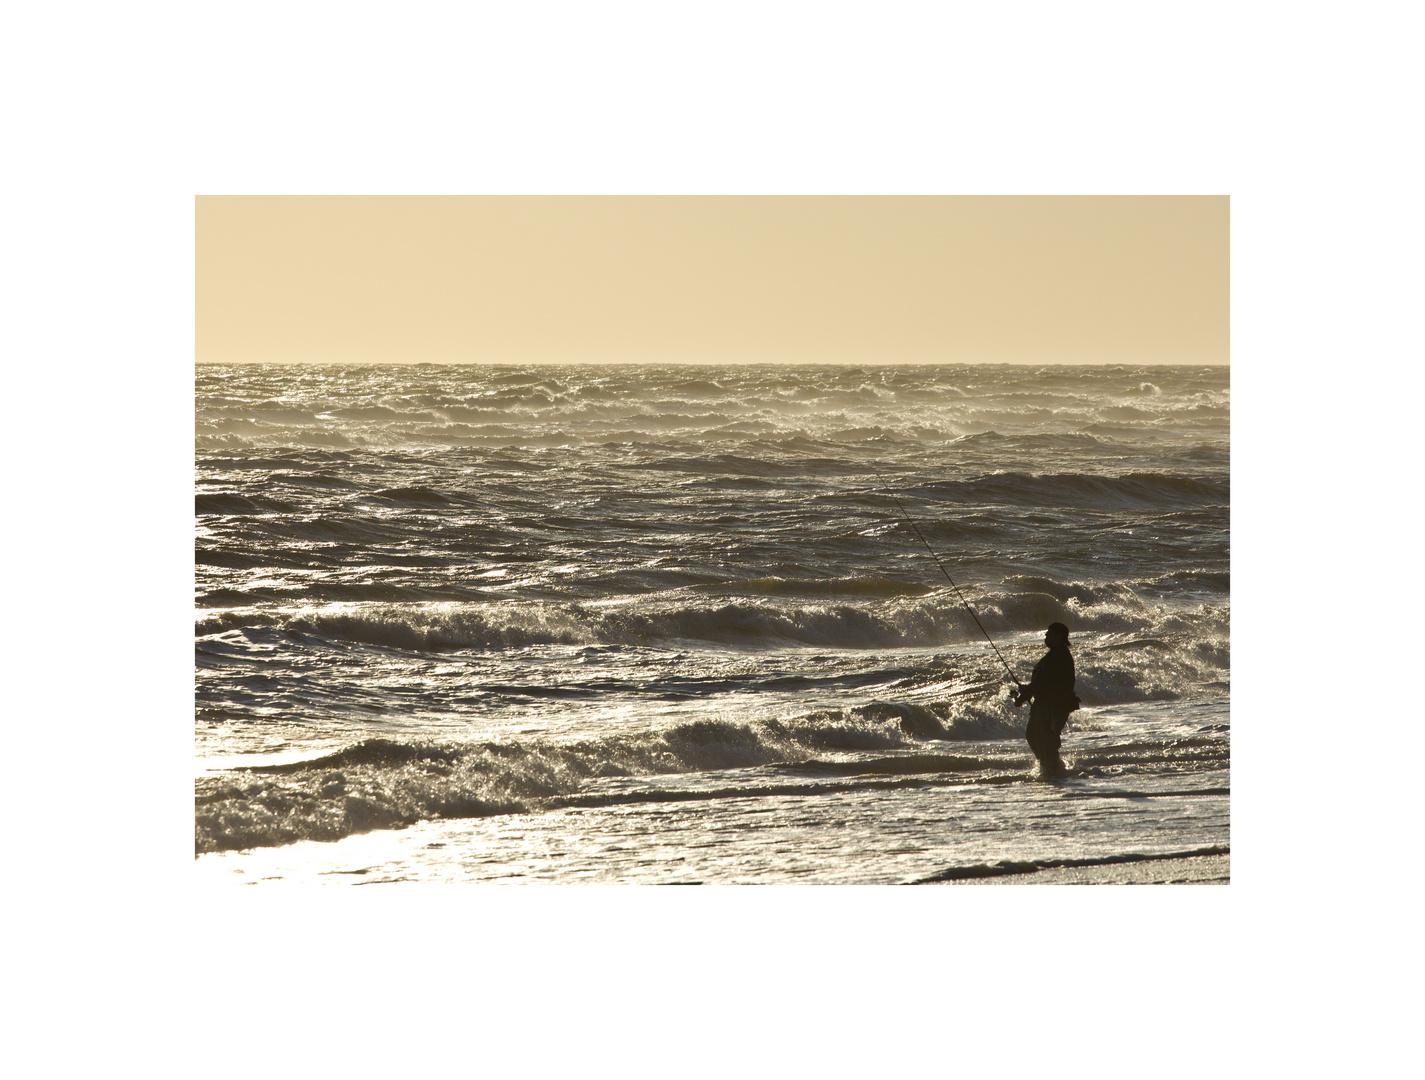 Fishing at Jones Beach